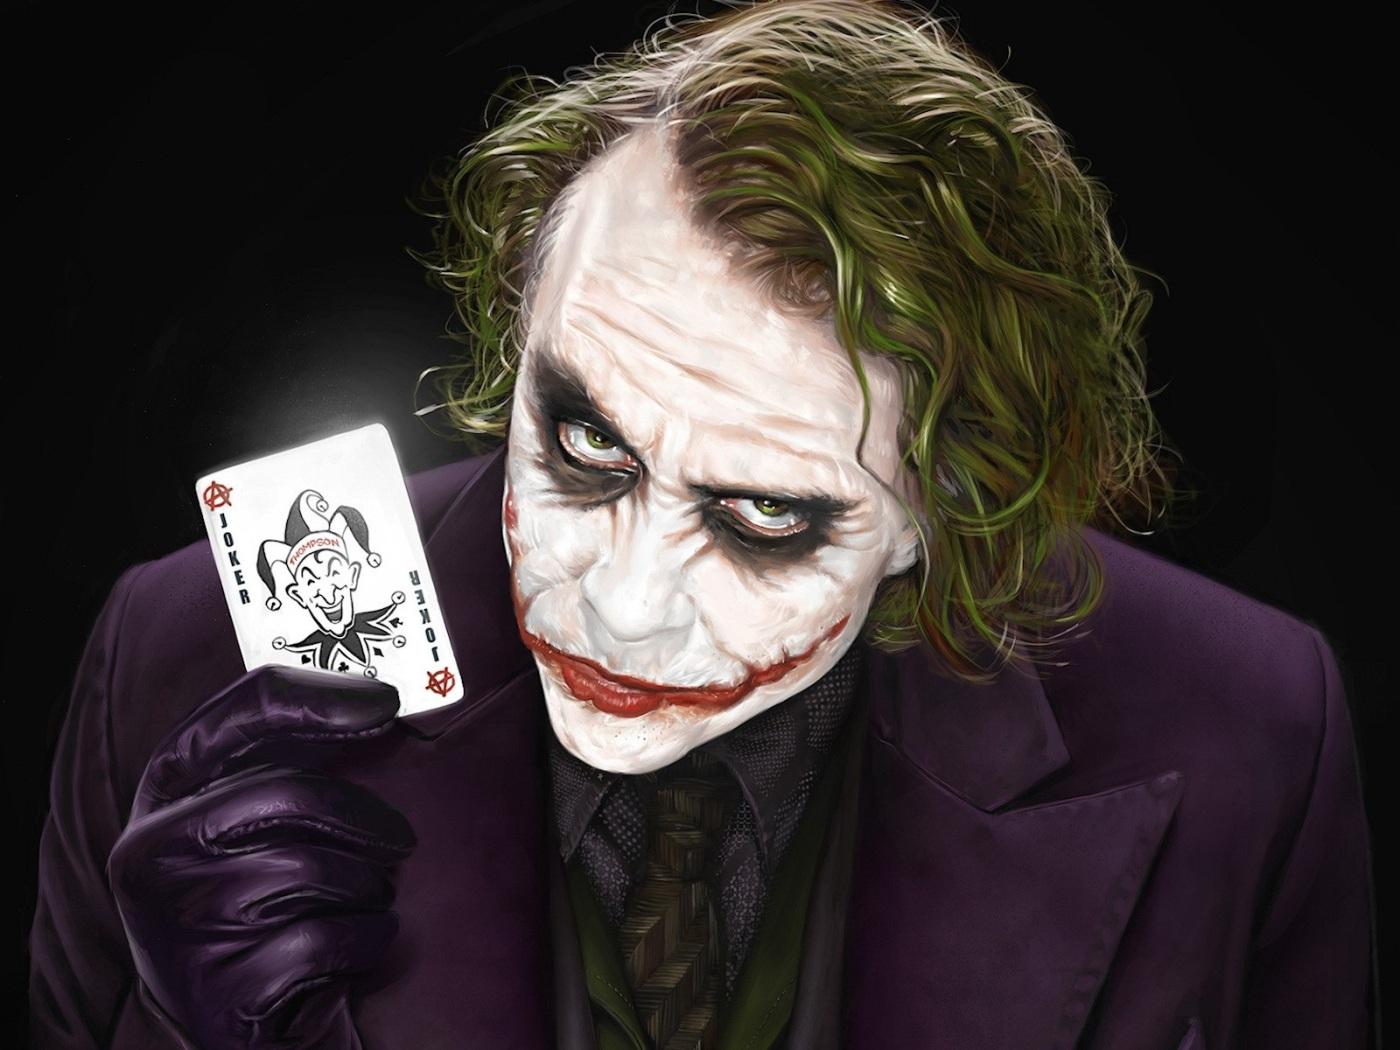 http://2.bp.blogspot.com/-JbtQZeVN57I/T7-6LaFF_9I/AAAAAAAAFlQ/KwMHeEZVZmk/s1600/Joker.jpg